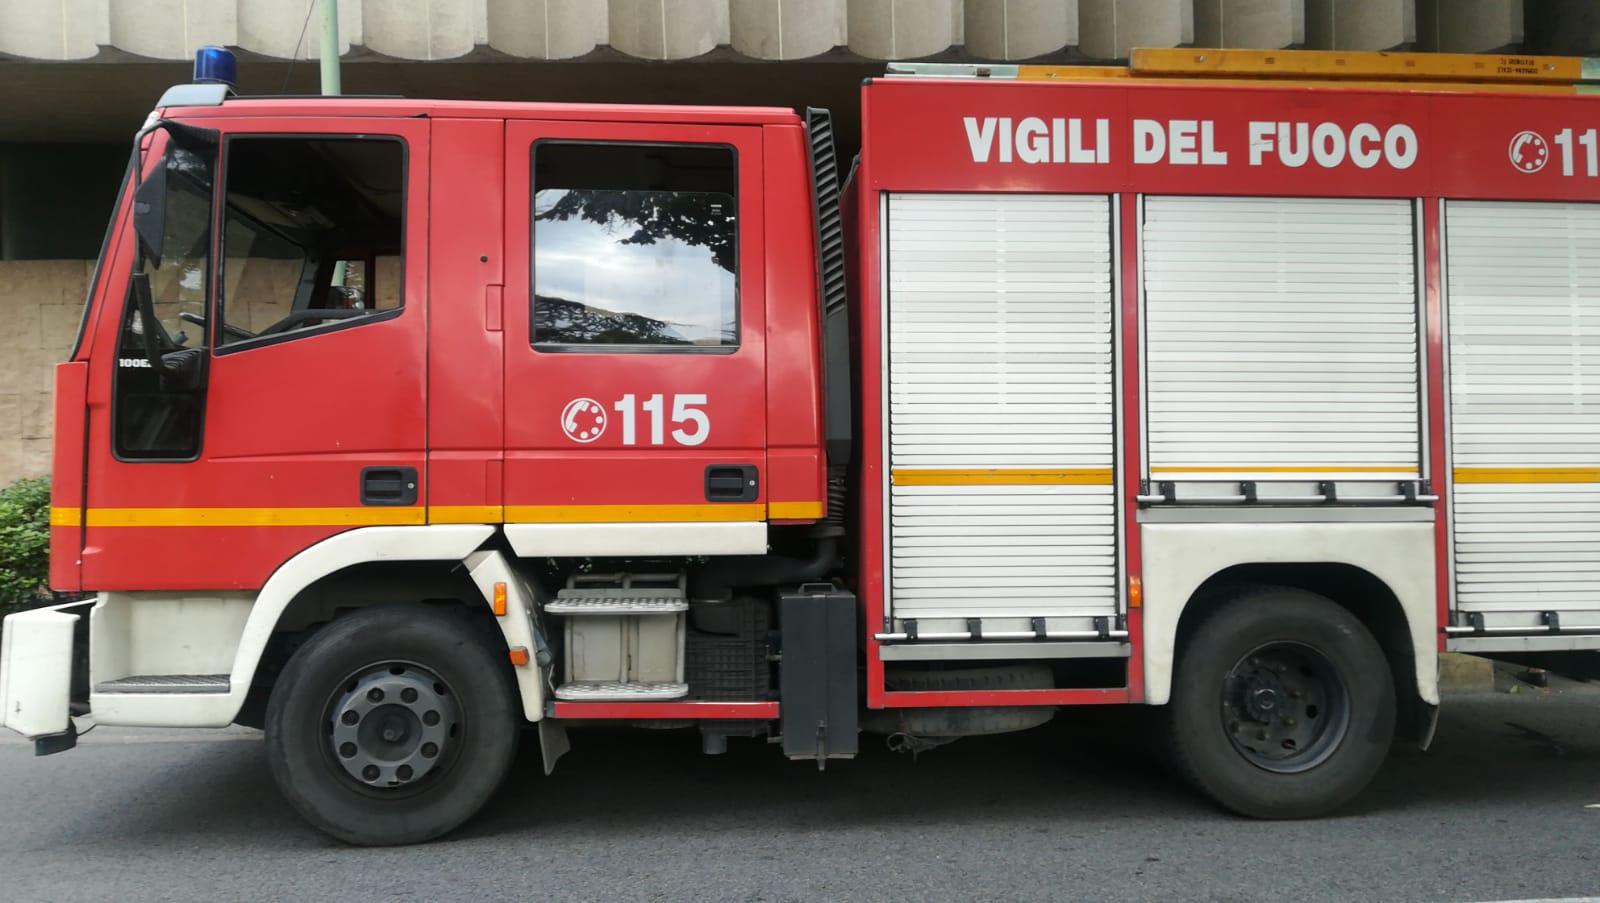 Evacuato il Palazzo di Giustizia (NOTIZIA IN AGGIORNAMENTO)